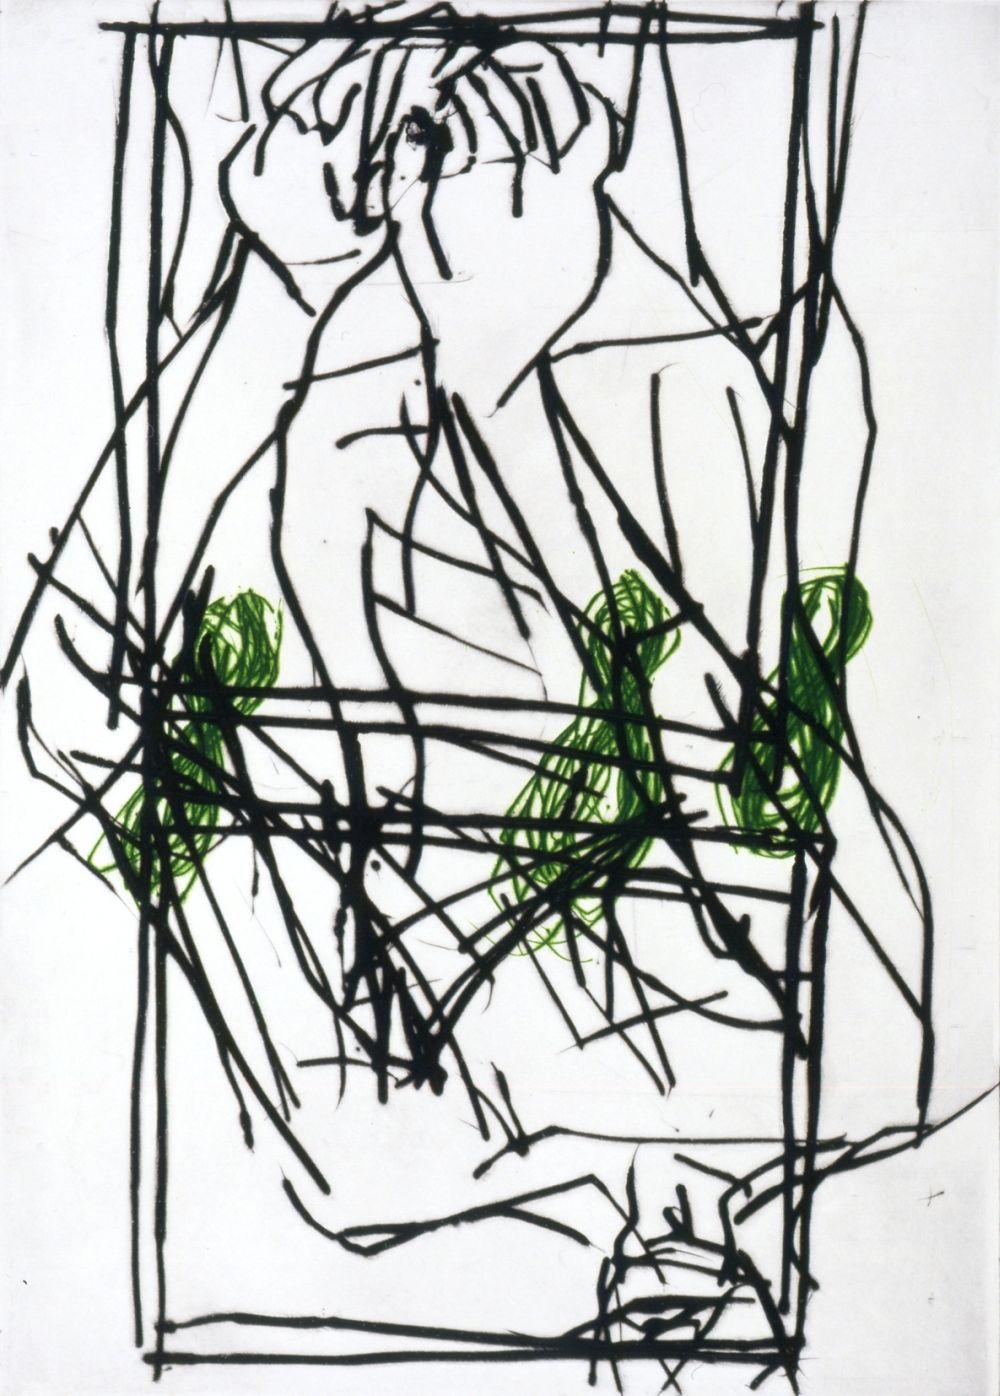 Georg Baselitz, Trzy lampy, 1995-1996, sucha igła, 12/12, 75,5 x 56,5 cm, Kolekcja Miasta La Louvière, depozyt CGII – inv. OE 1137 © Georg Baselitz 2015 (źródło: materiały prasowe)